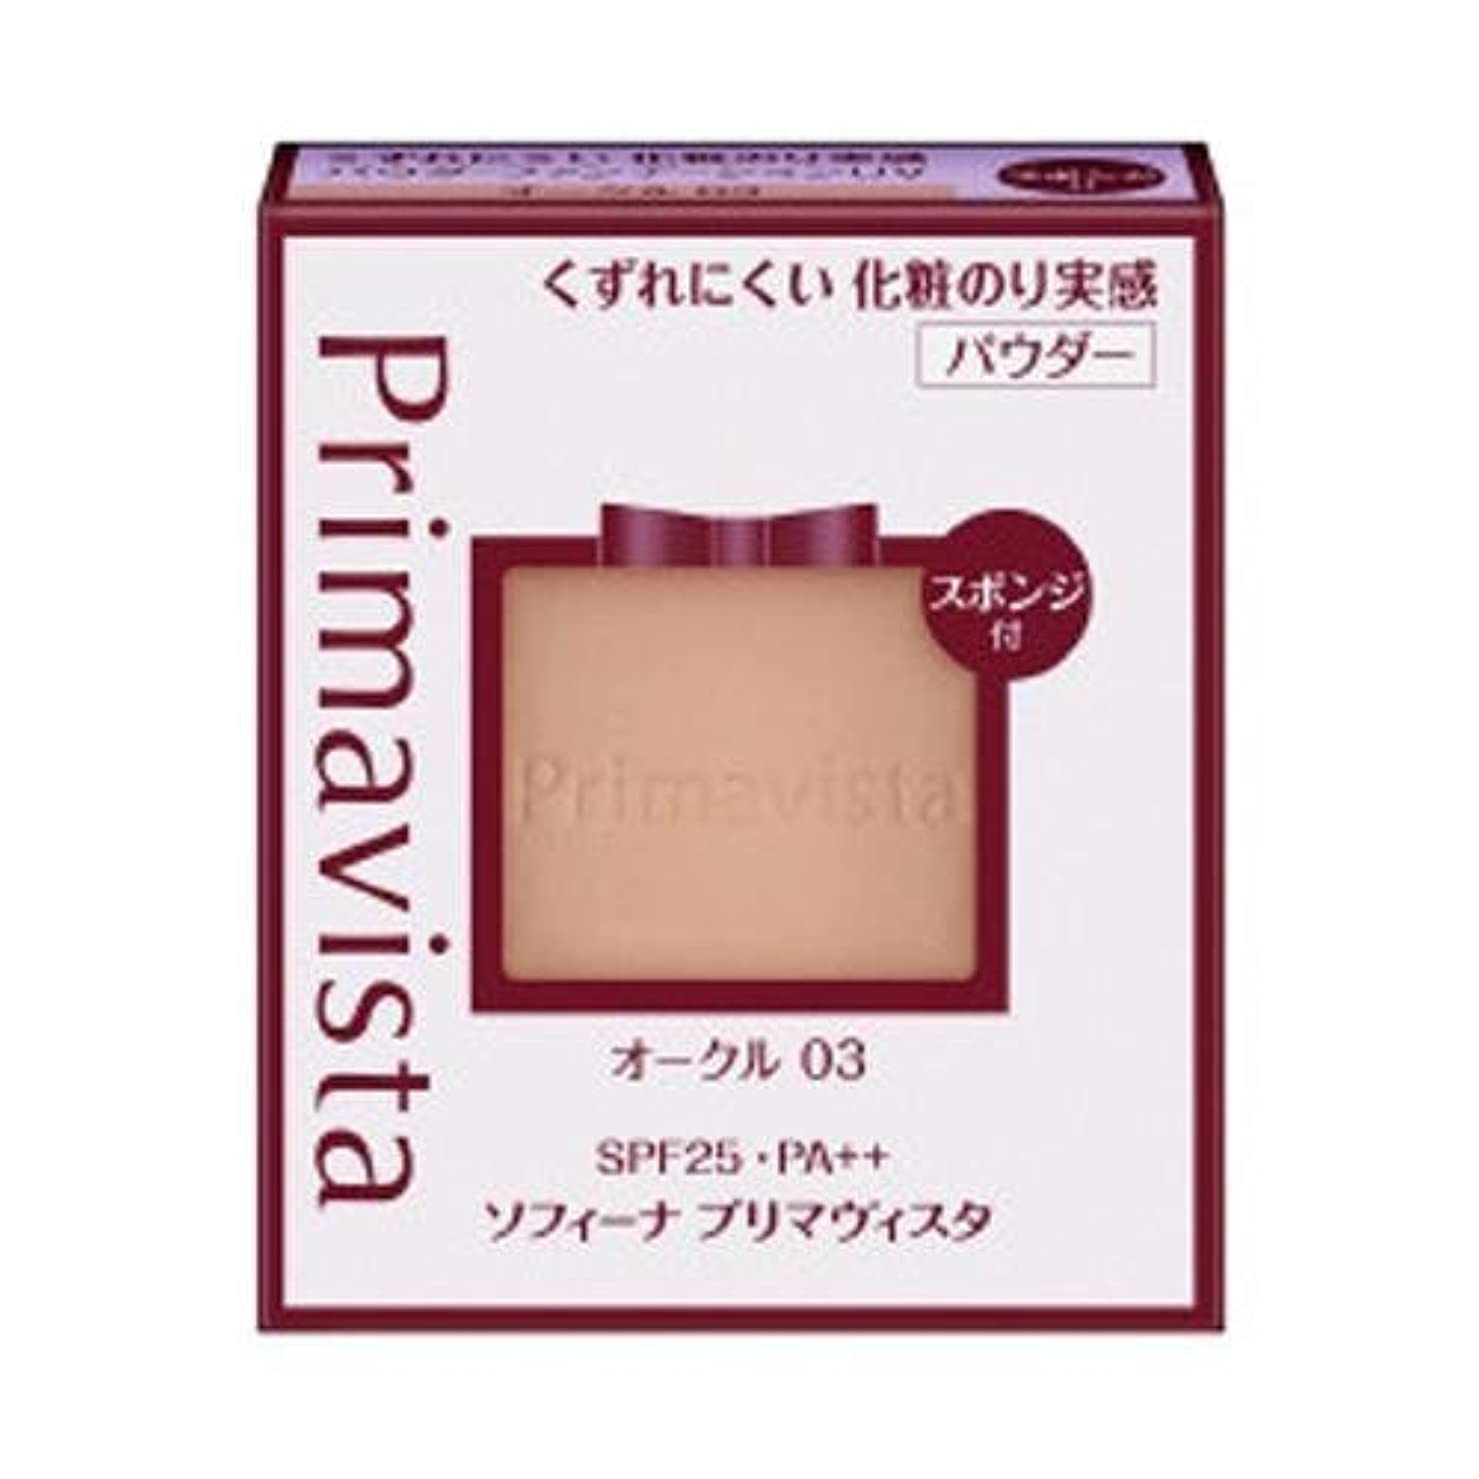 シロクマ効果的に何よりもソフィーナ プリマヴィスタ くずれにくい 化粧のり実感パウダーファンデーションUV オークル03 レフィル